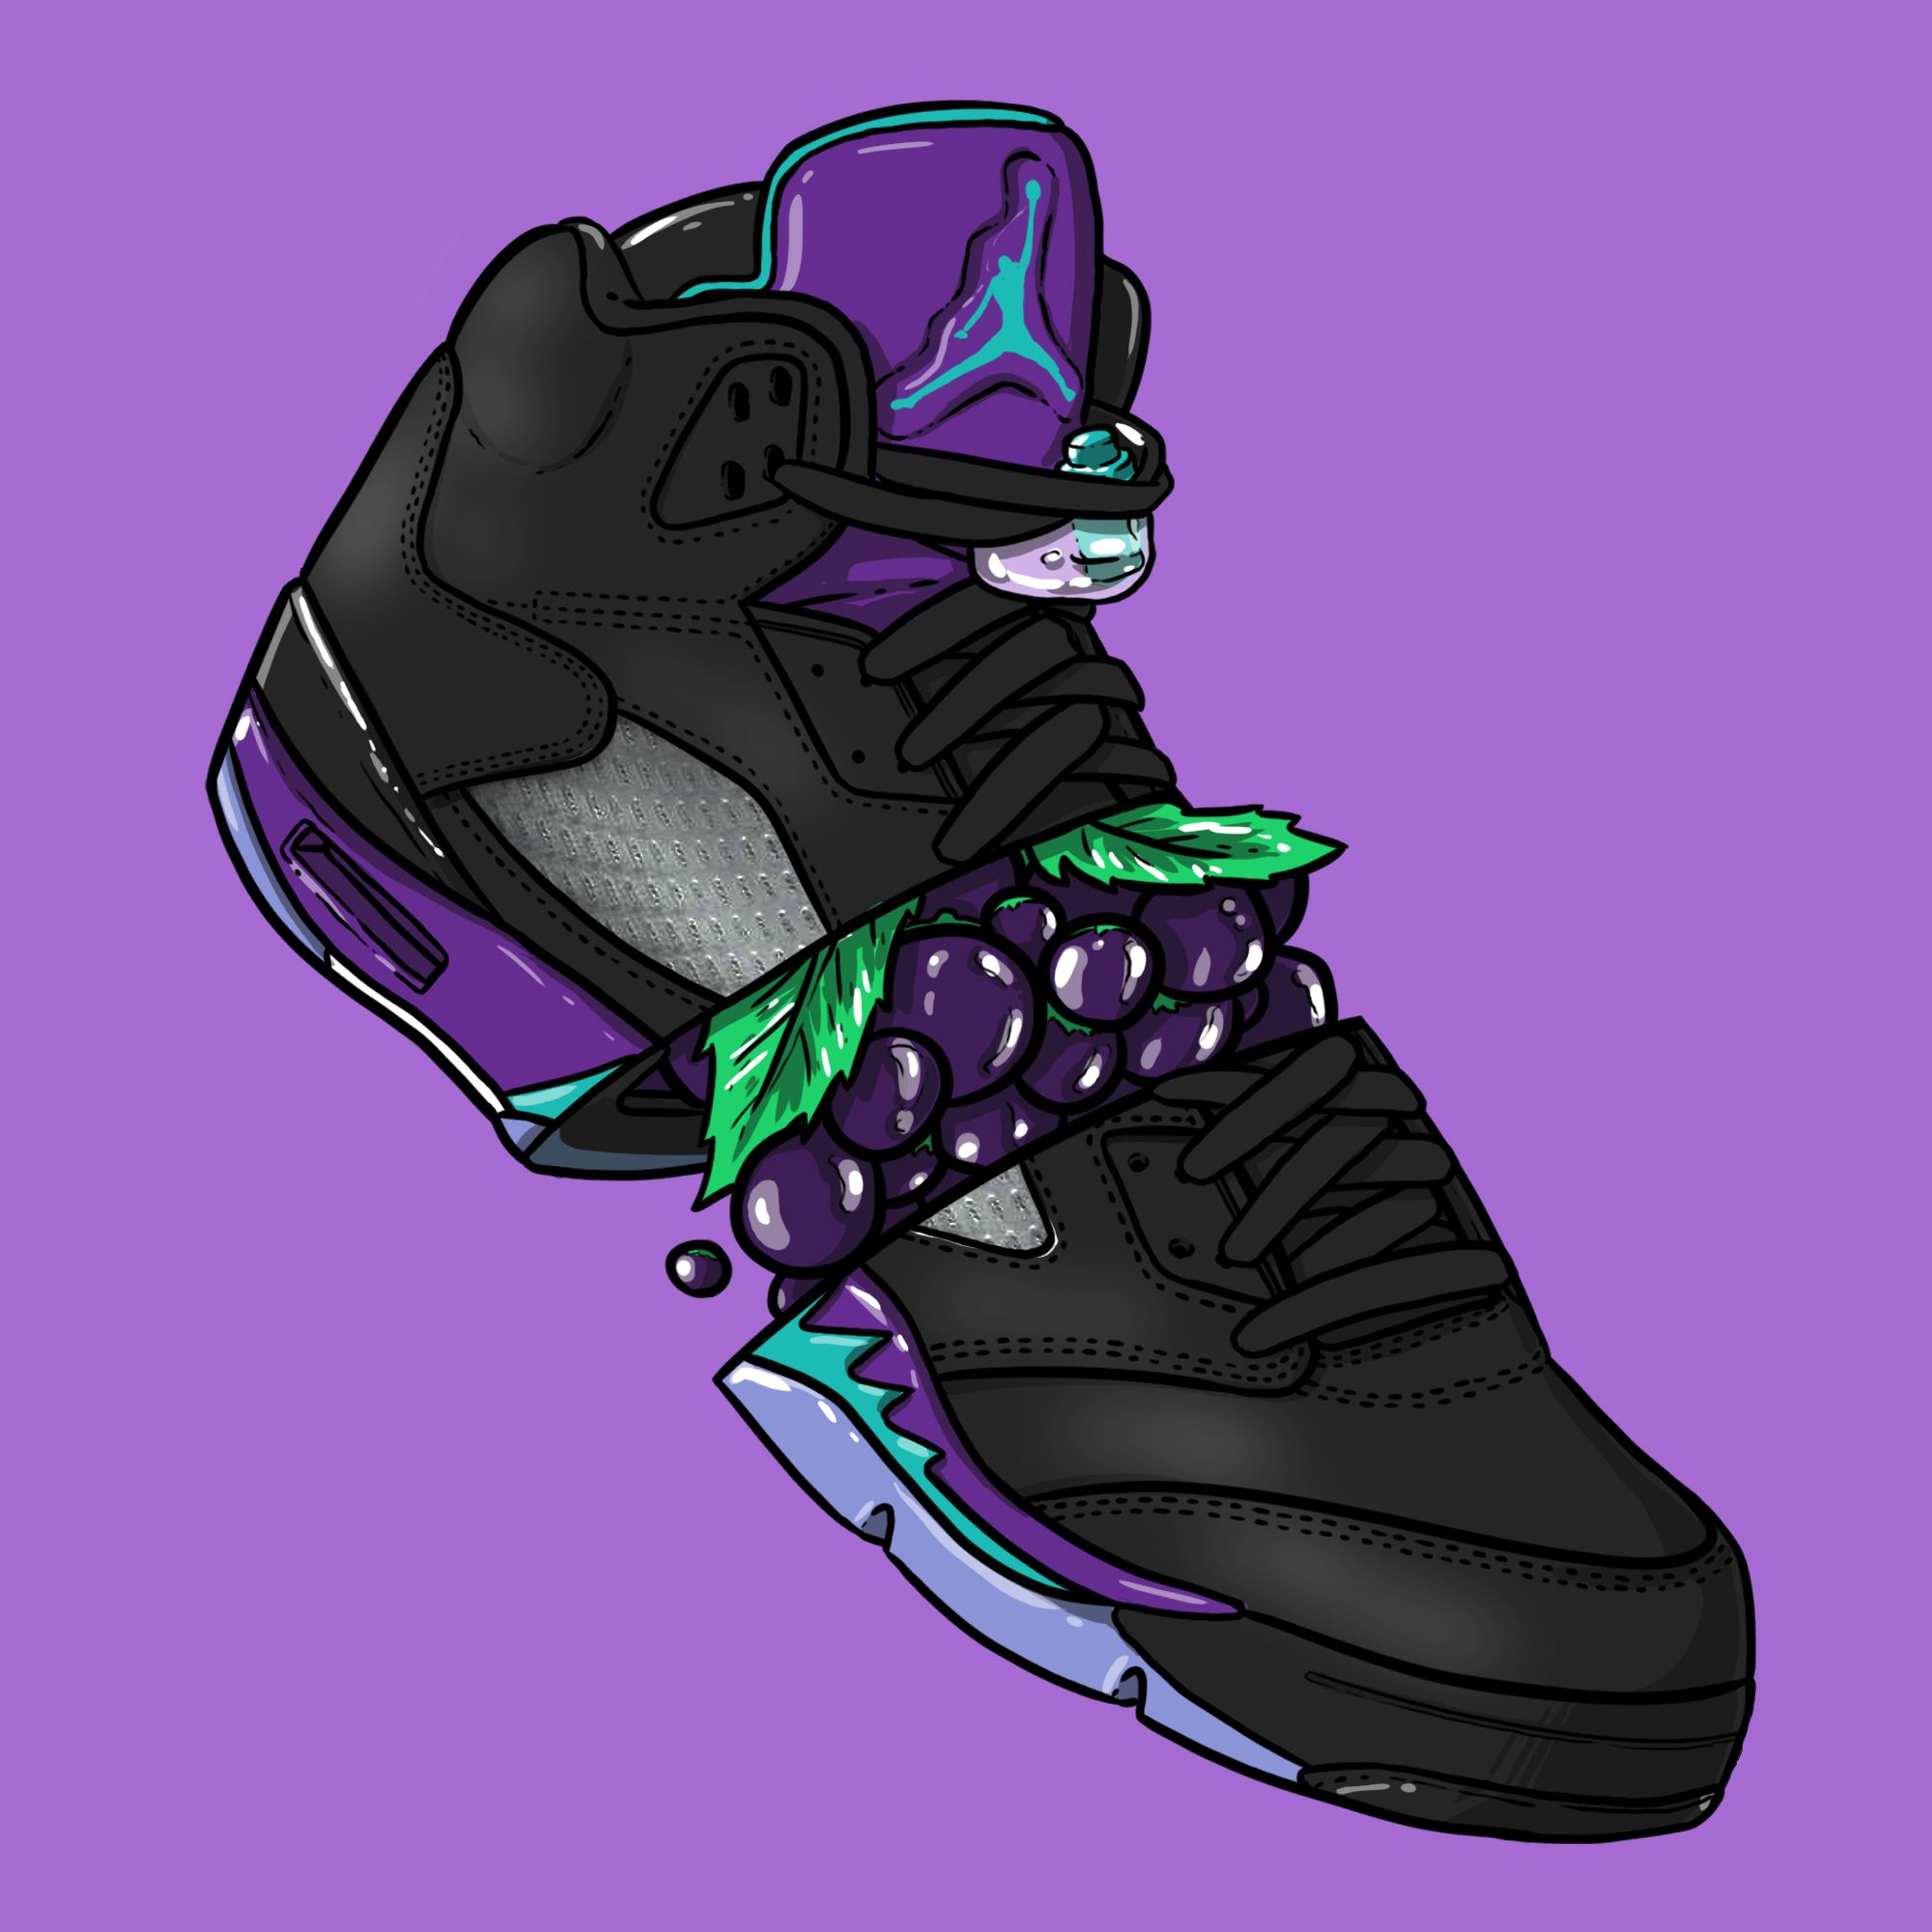 """Sneaker Wallpaper: Sneaker Art - Jordan V """"Black Grape"""""""